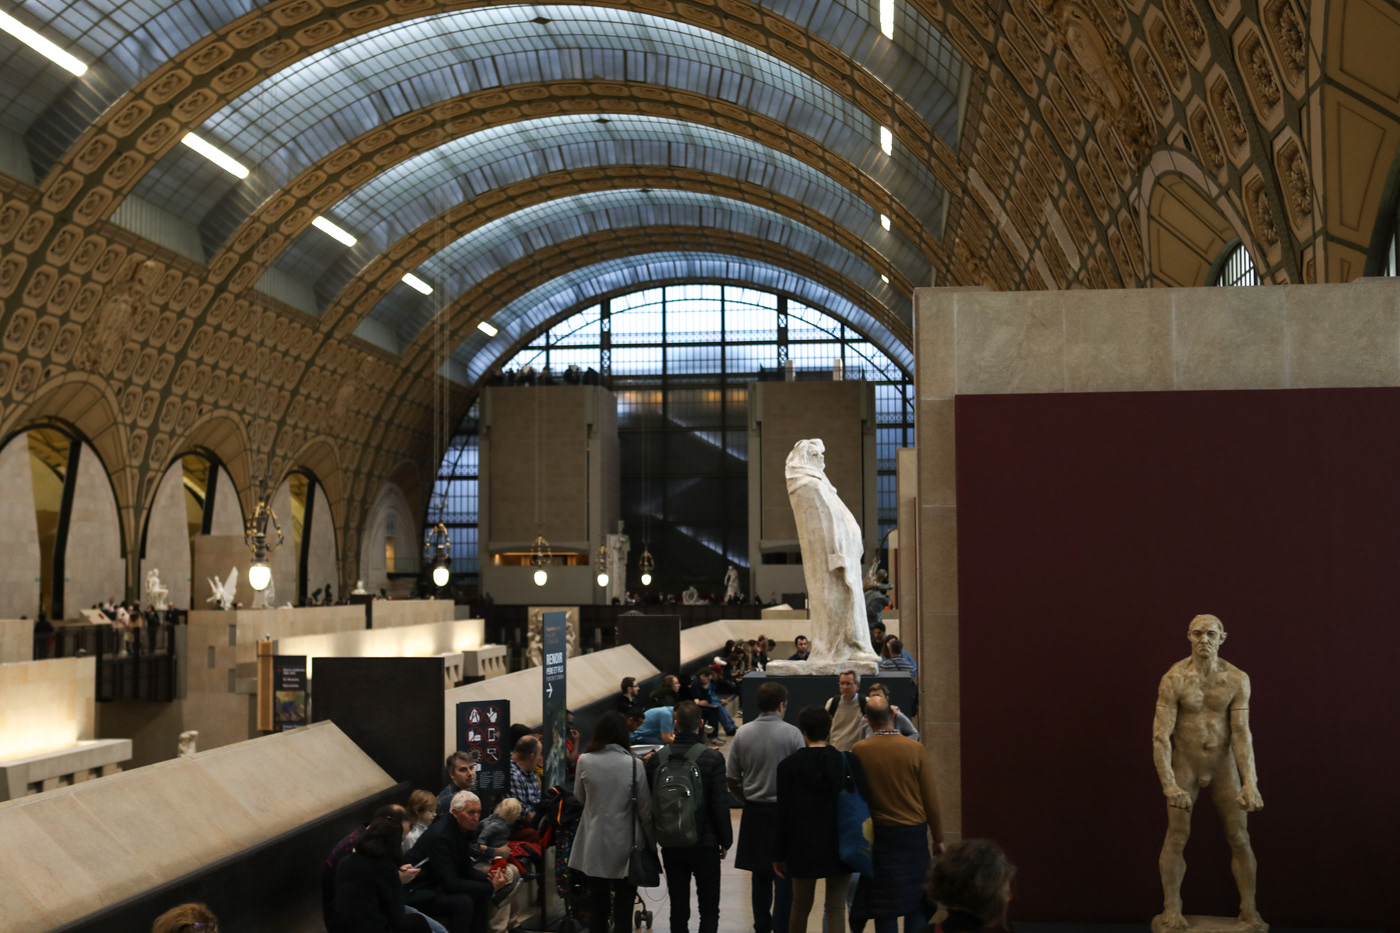 architecture Paris museum orsay turism Tour Eiffel painting   art sculpture Photography